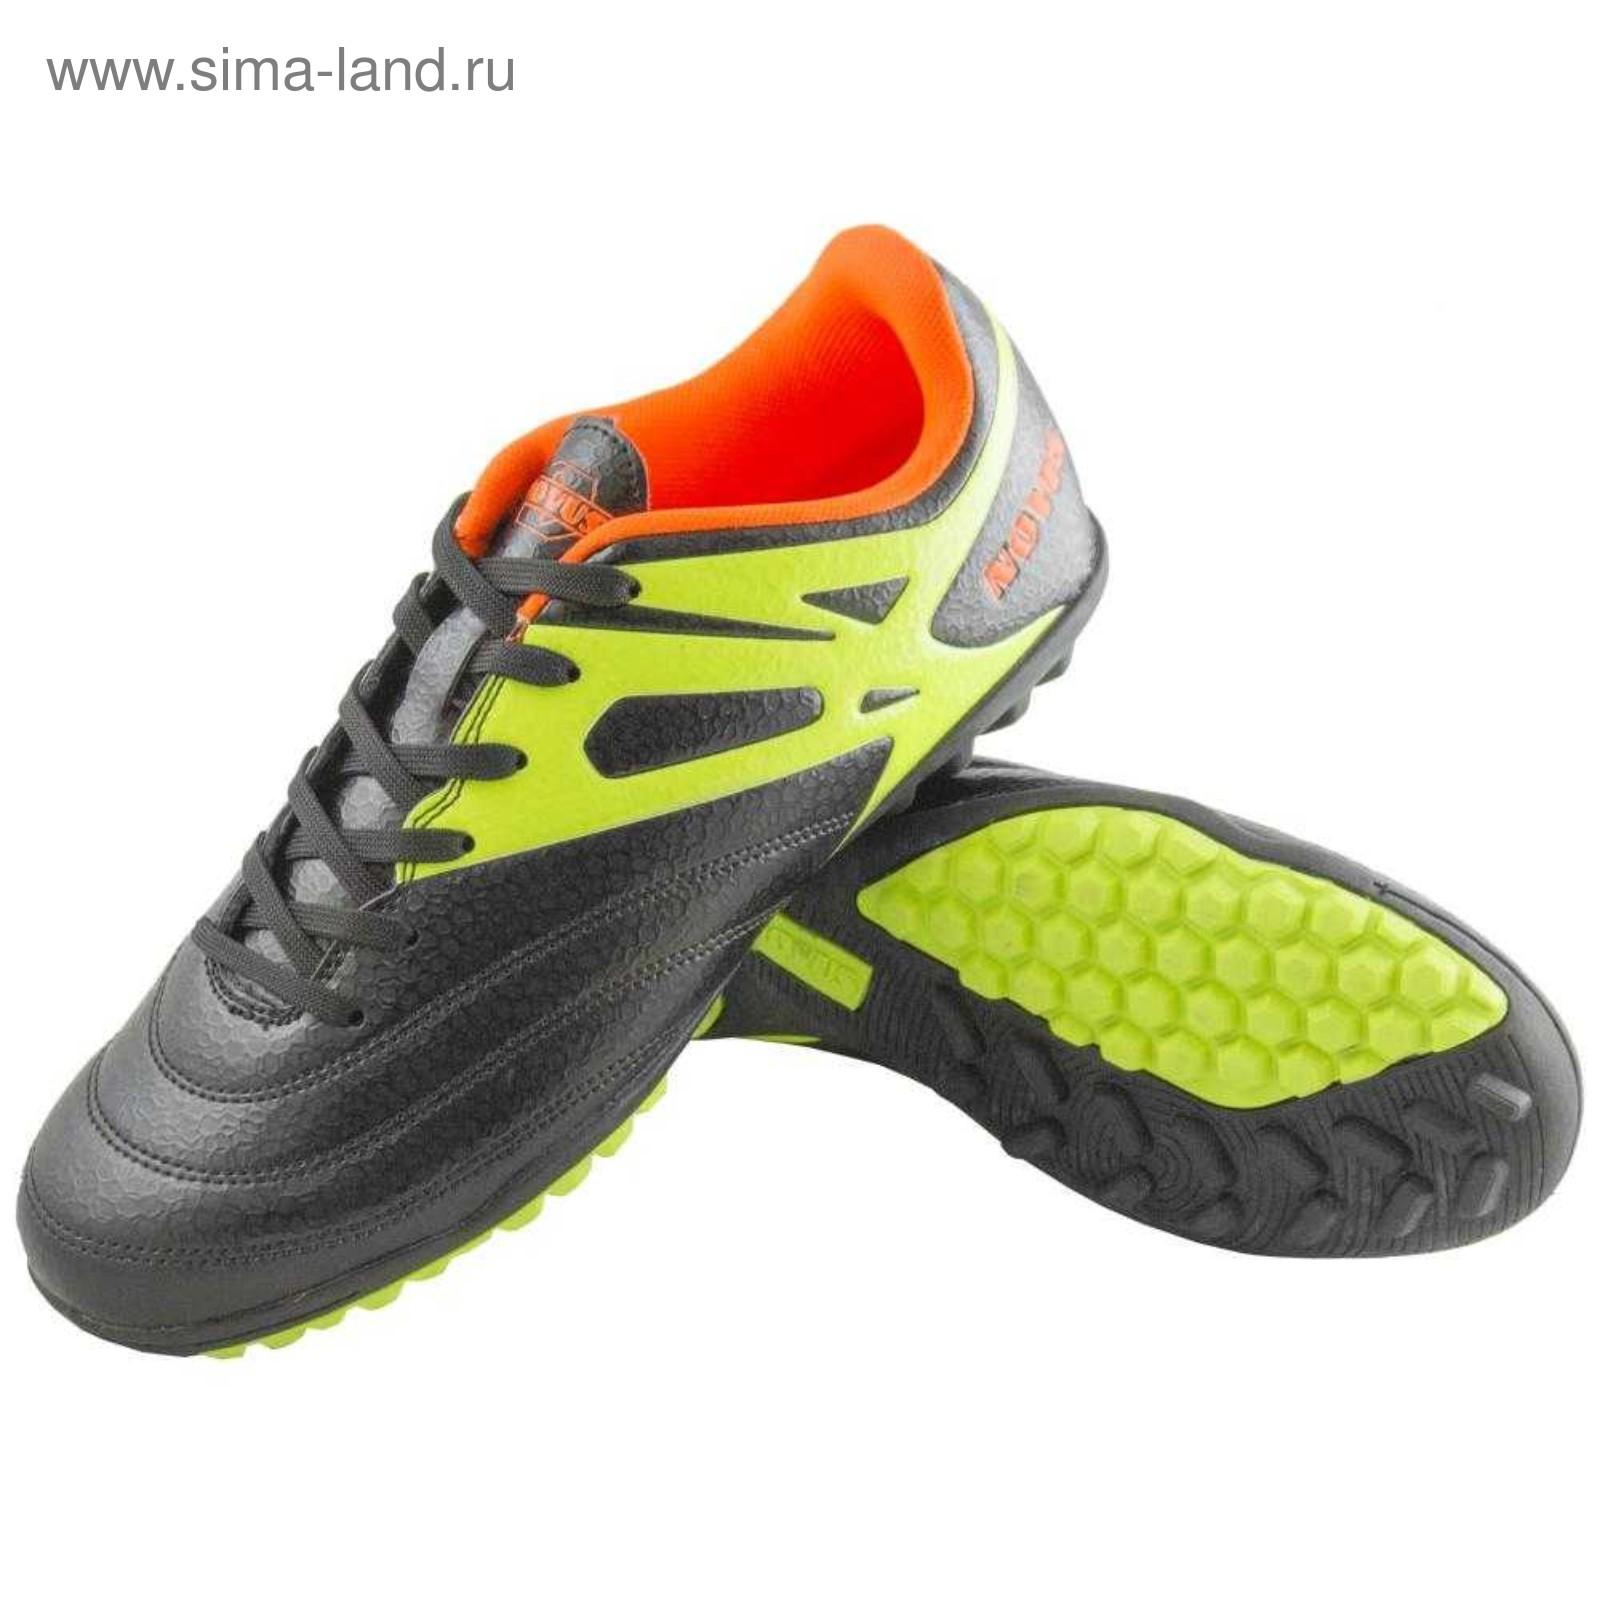 80af1e6491f0 Футбольные бутсы Novus, цвет чёрный, размер 30 (3843738) - Купить по ...